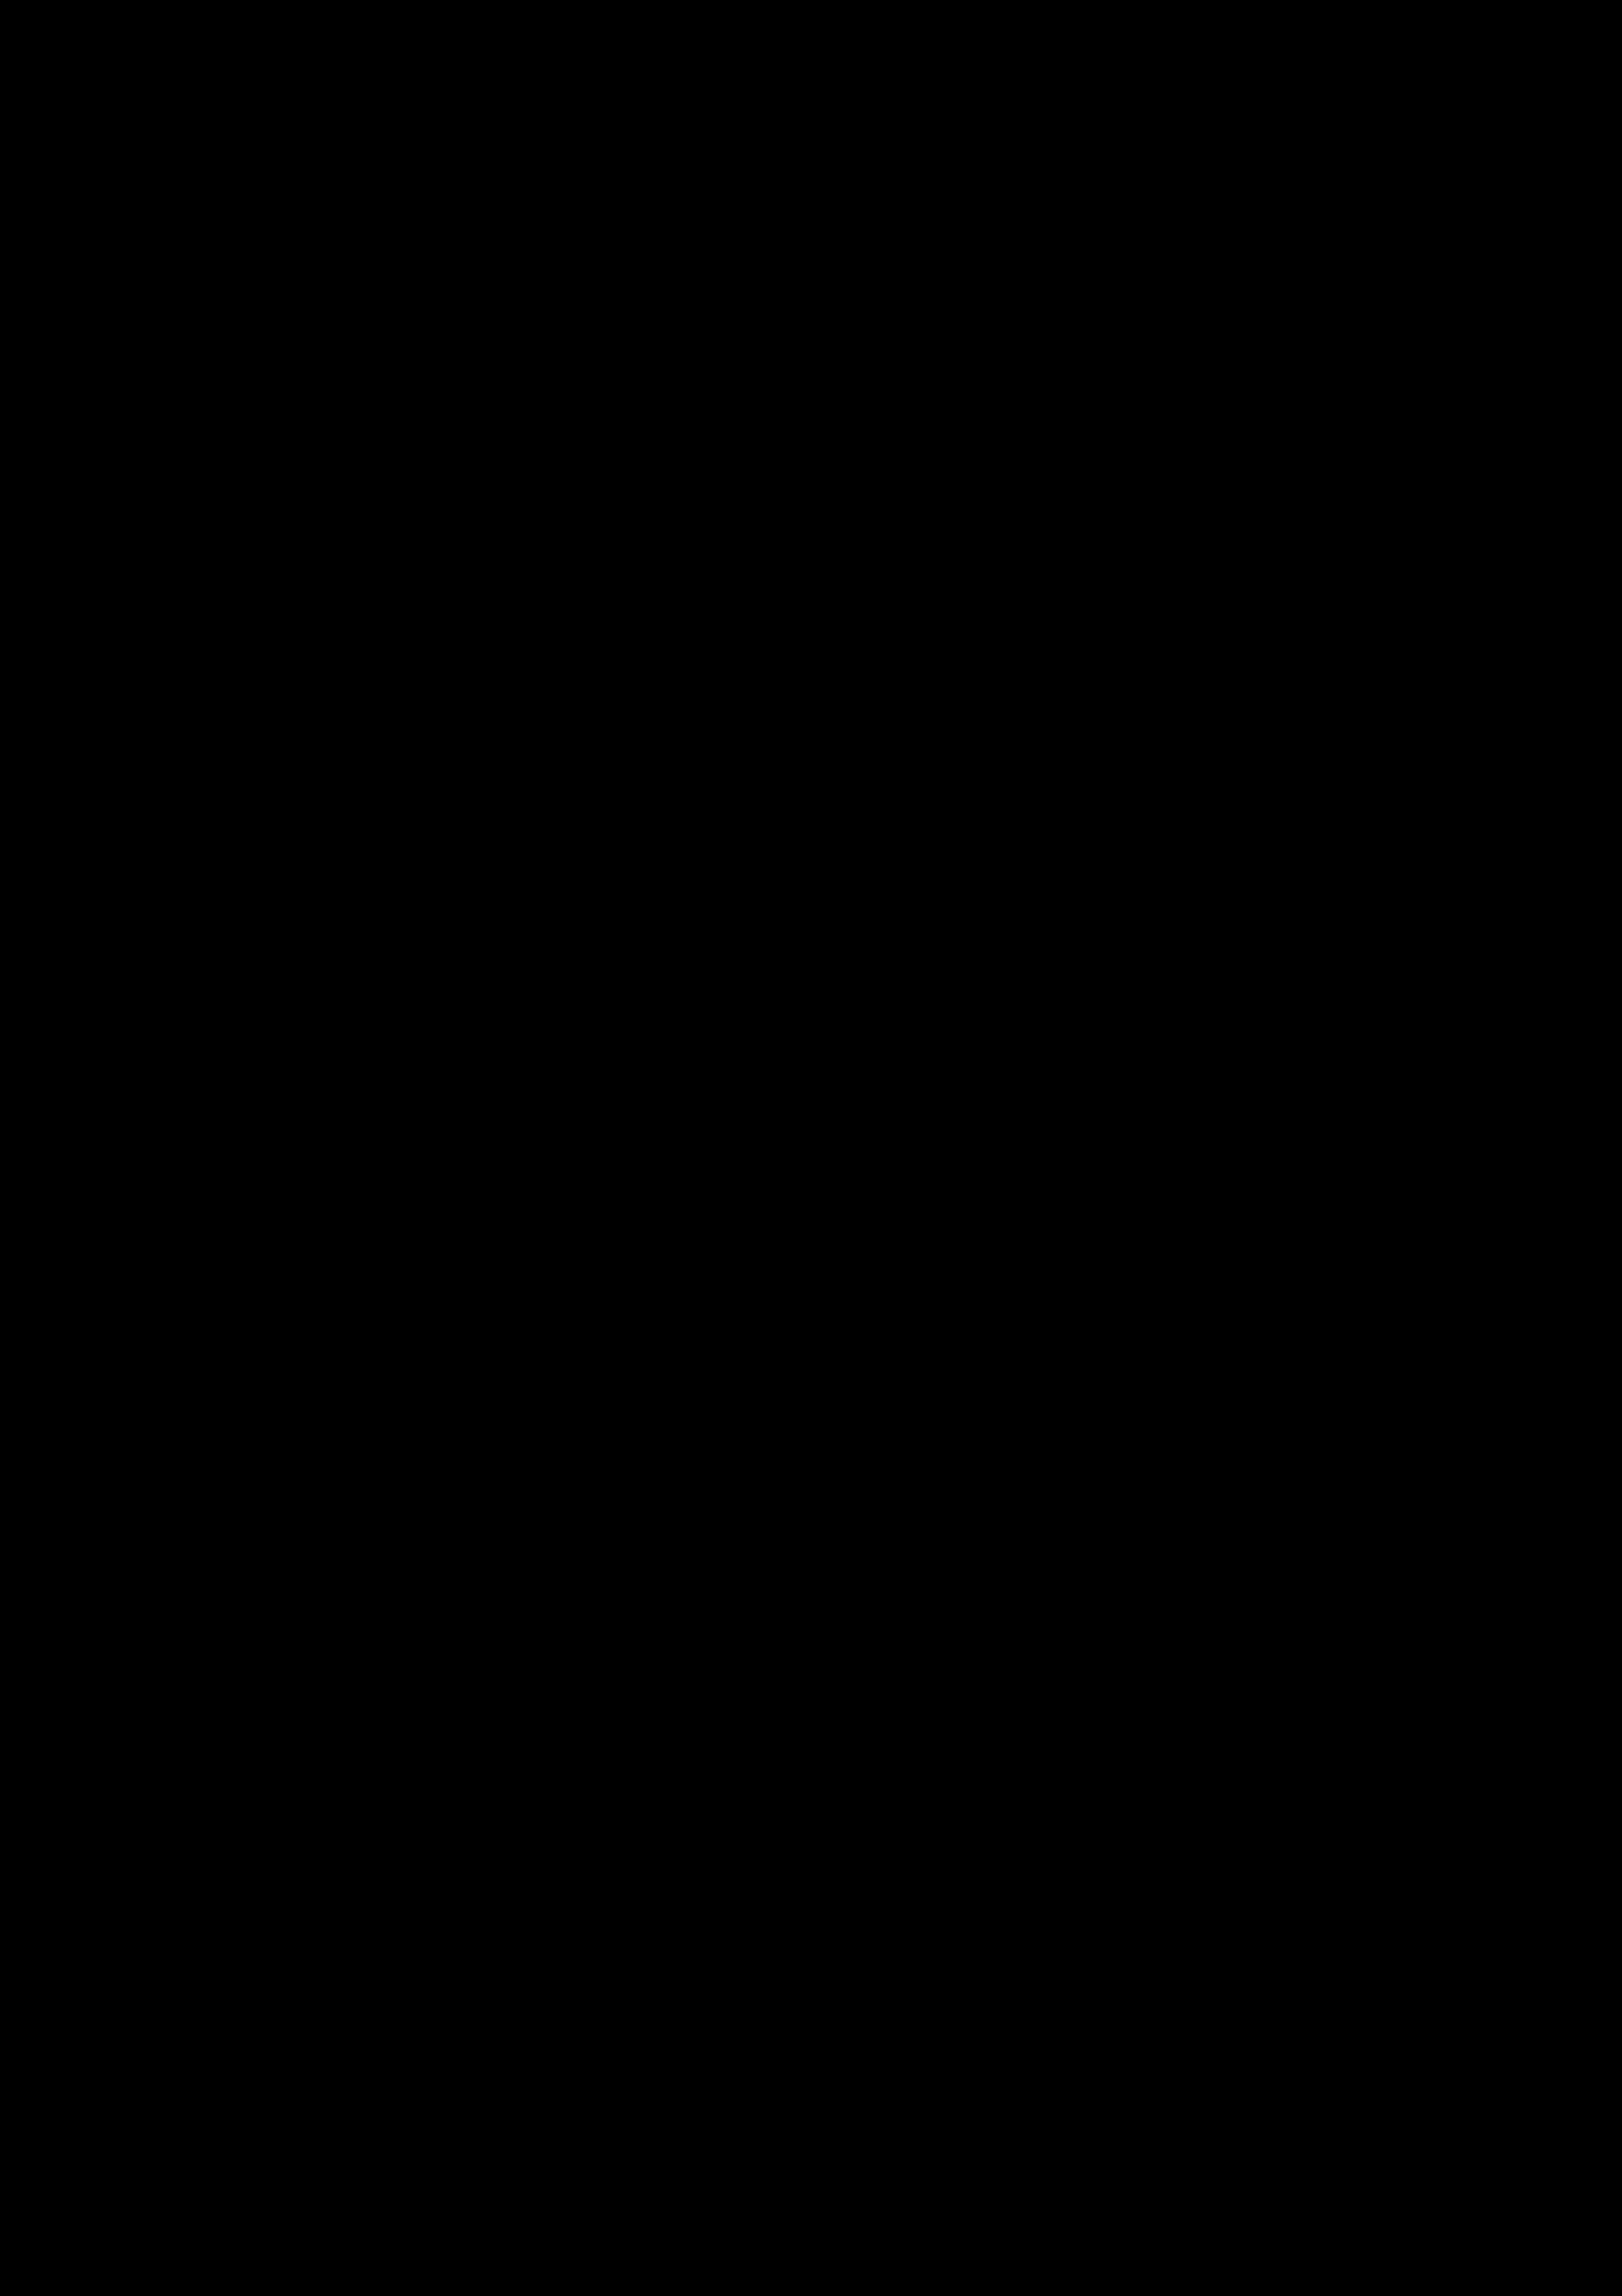 Aegis avenger stalker blueprint a1 pdf y web enlace de descarga en google drive aegis avenger blueprint malvernweather Images